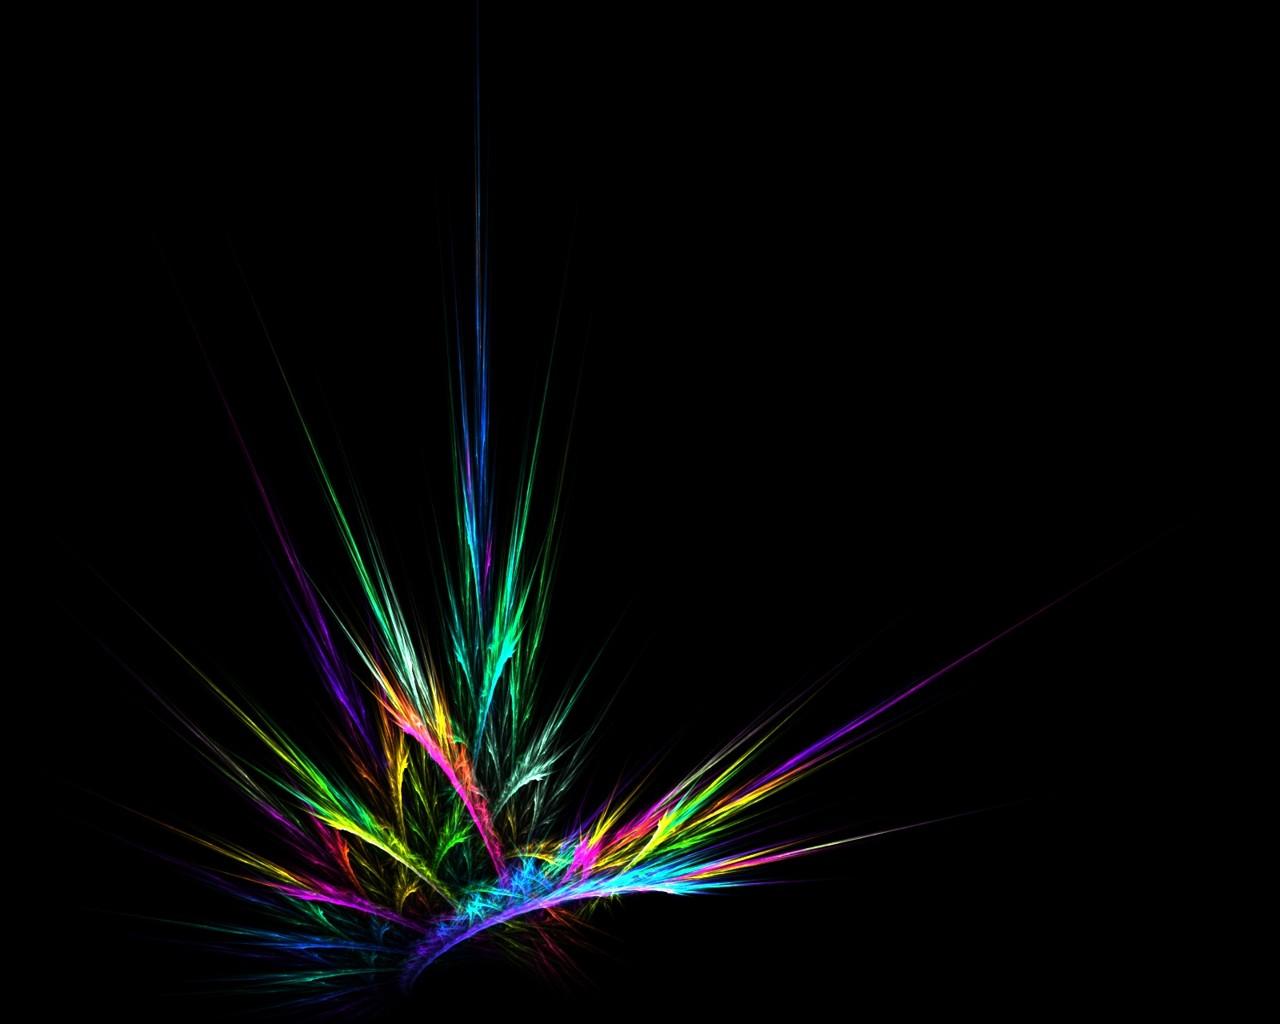 rainbowsplinters.jpg